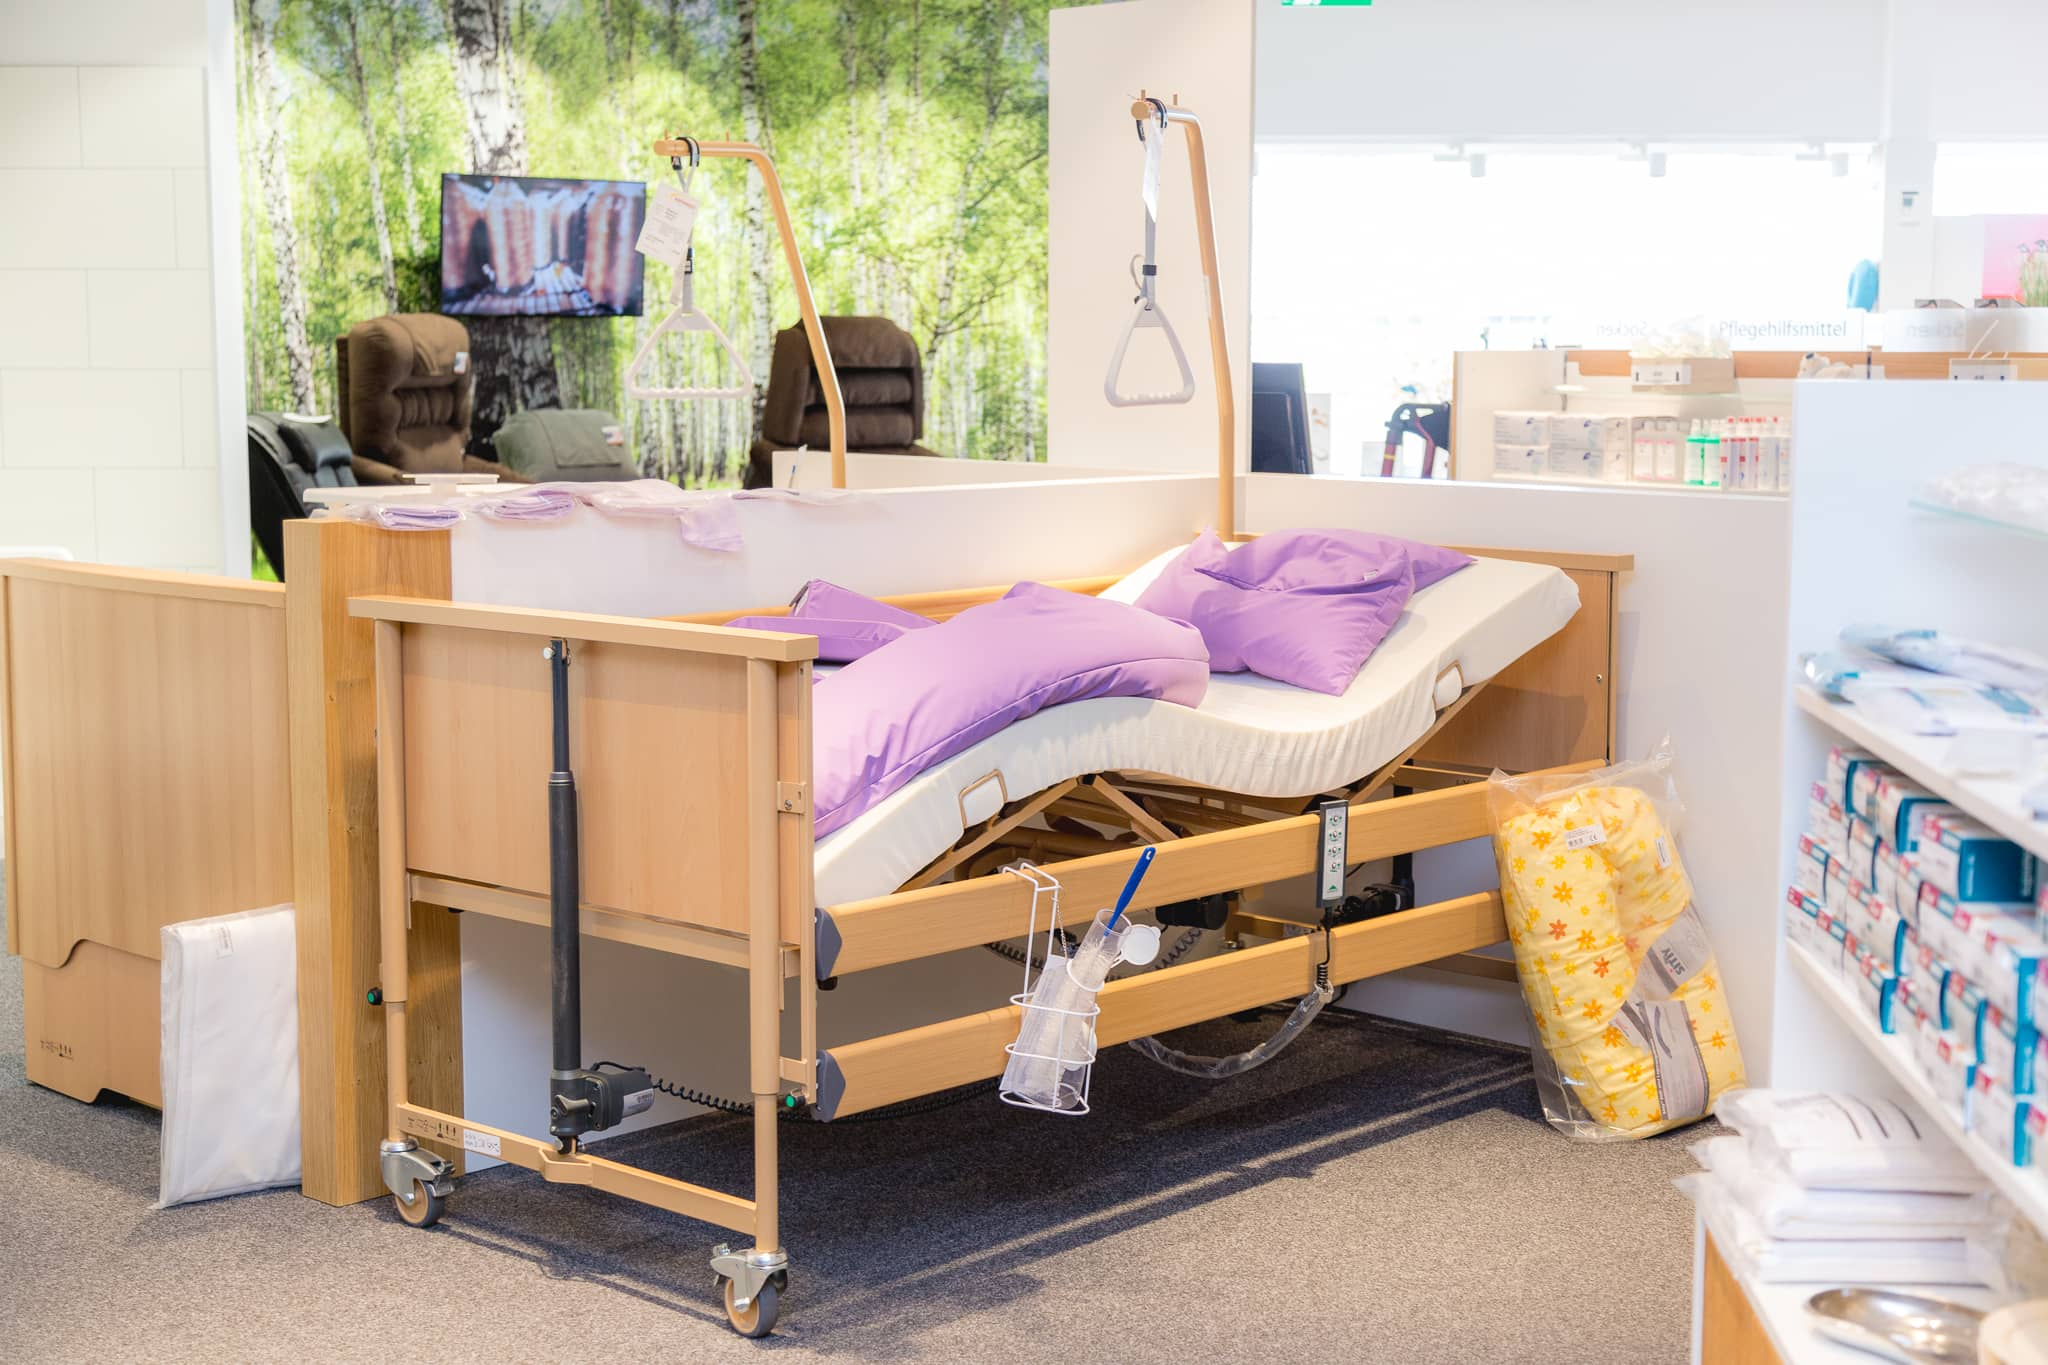 Pflegehilfsmittel und Krankenpflege-Beratung bei Kaphingst in Homberg/Efze